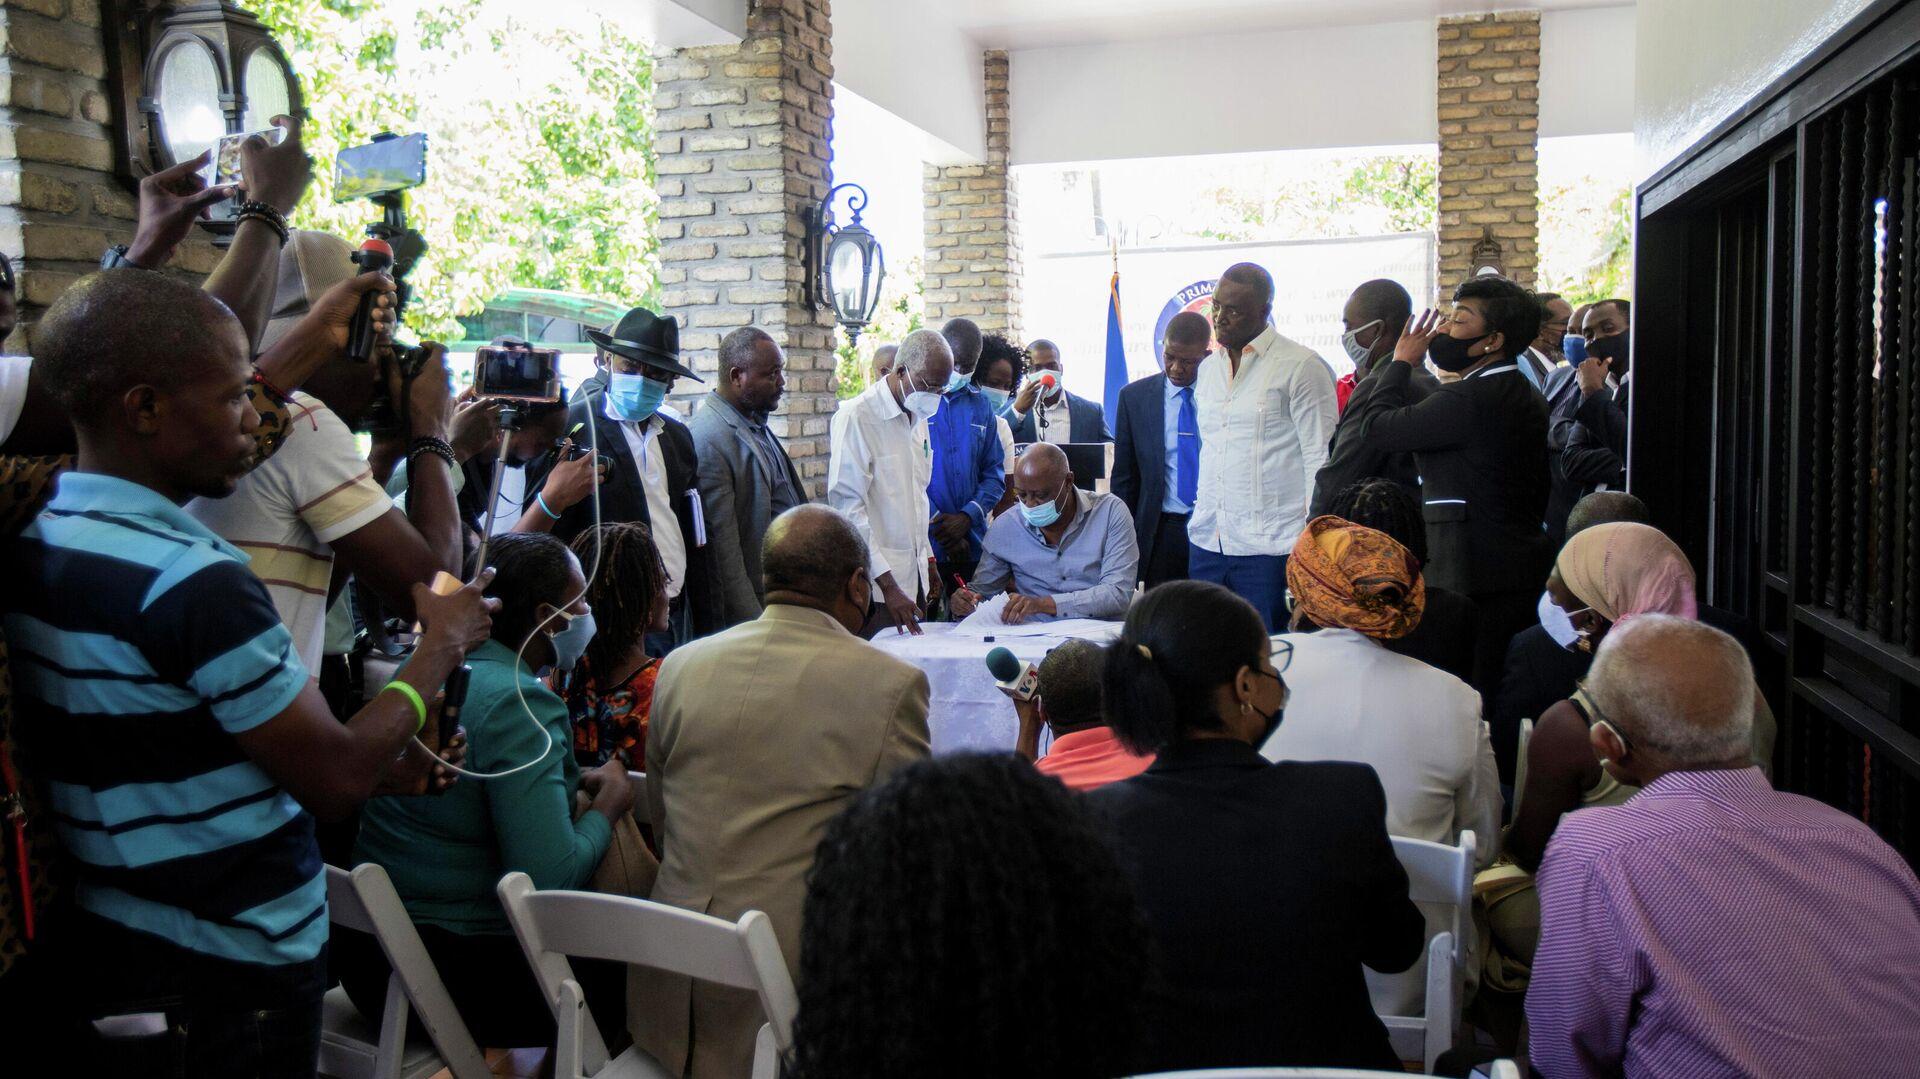 Políticos de Haití firman acuerdo político - Sputnik Mundo, 1920, 12.09.2021